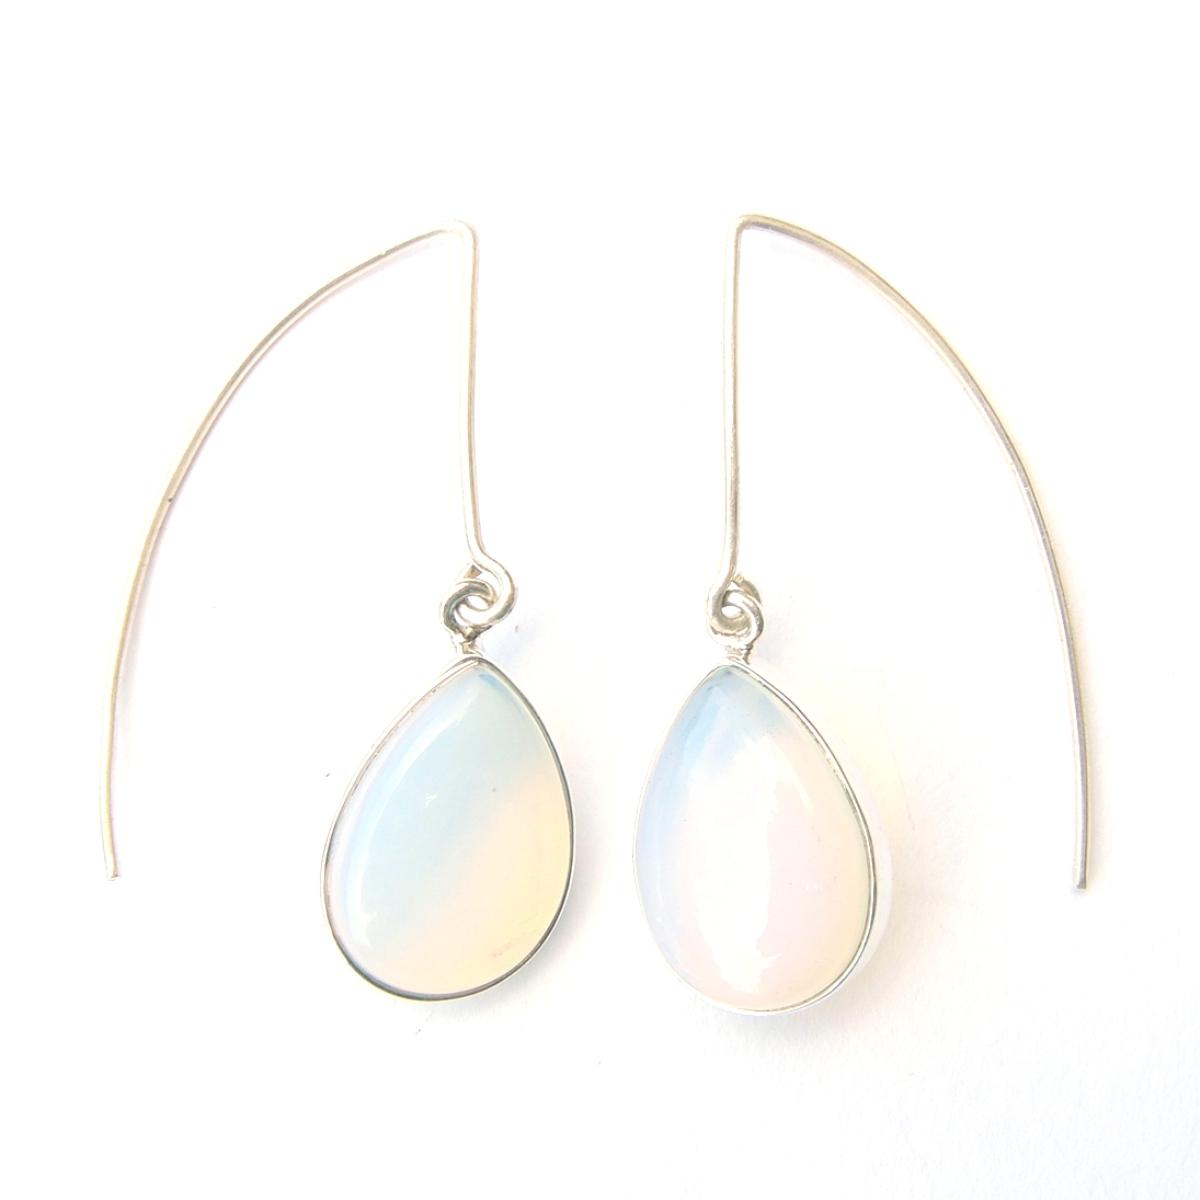 Opalite Long Hook Earrings